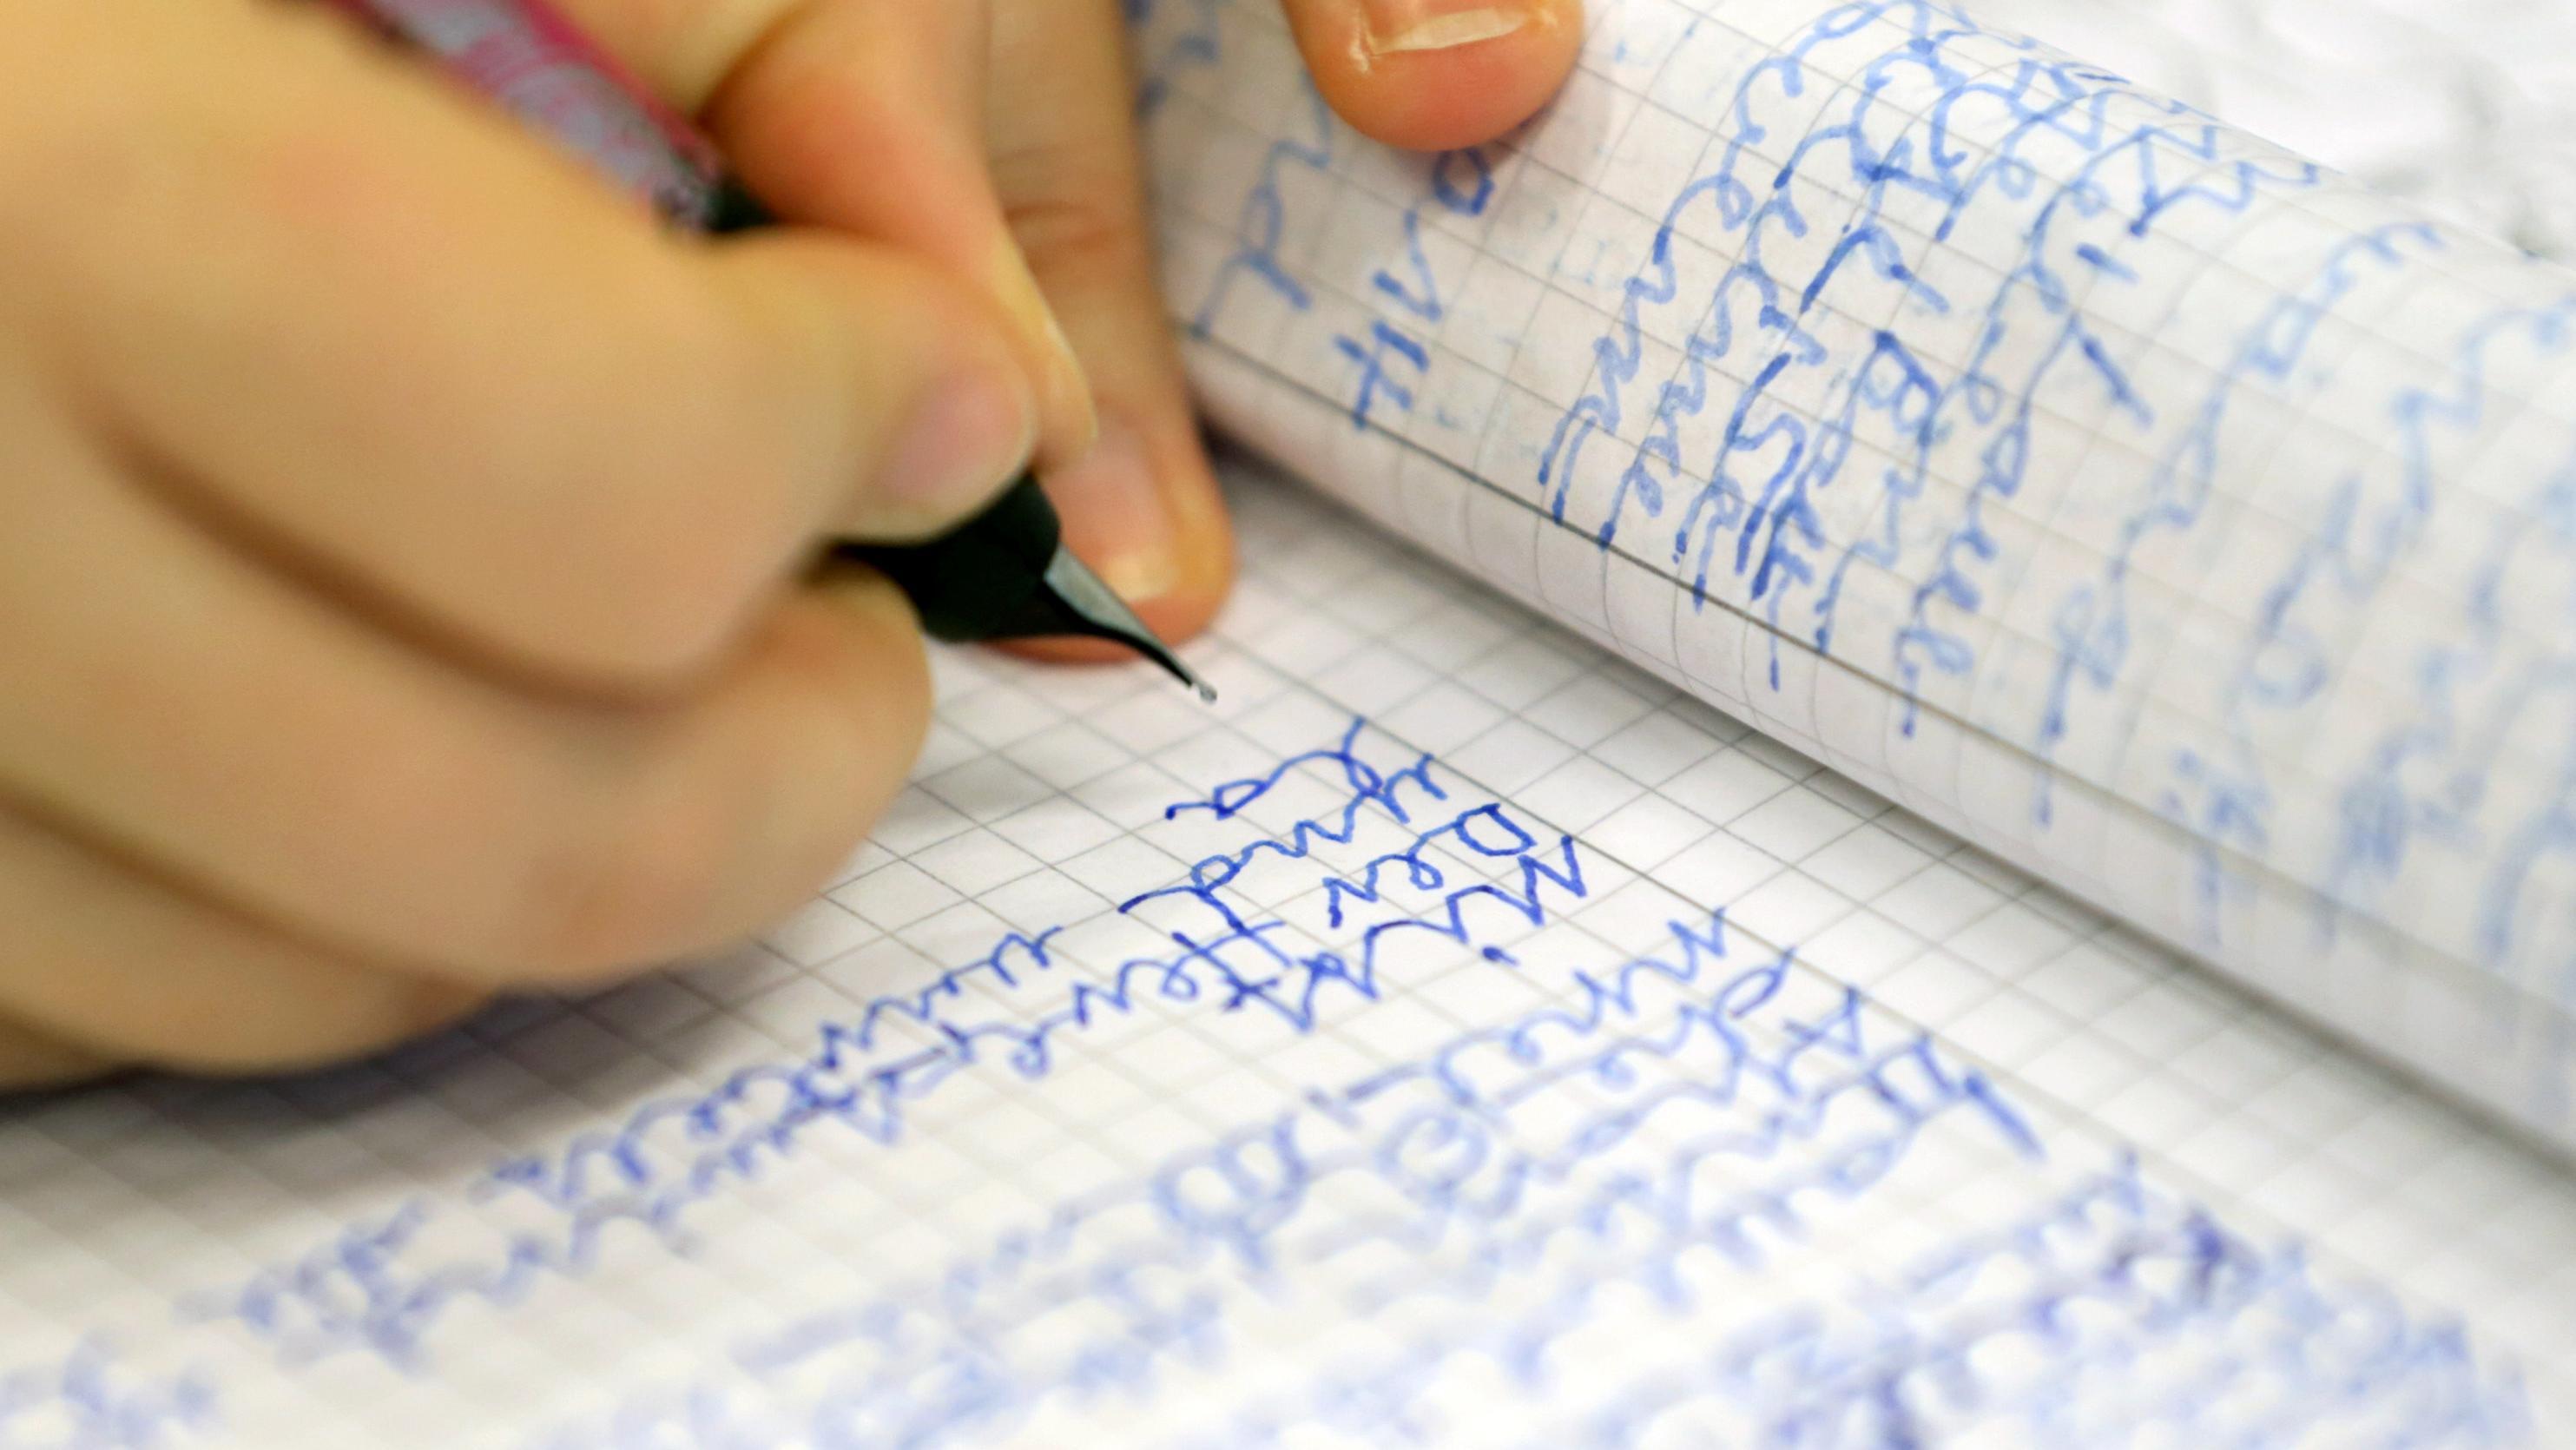 Hand schreibt in kariertes Schreibheft